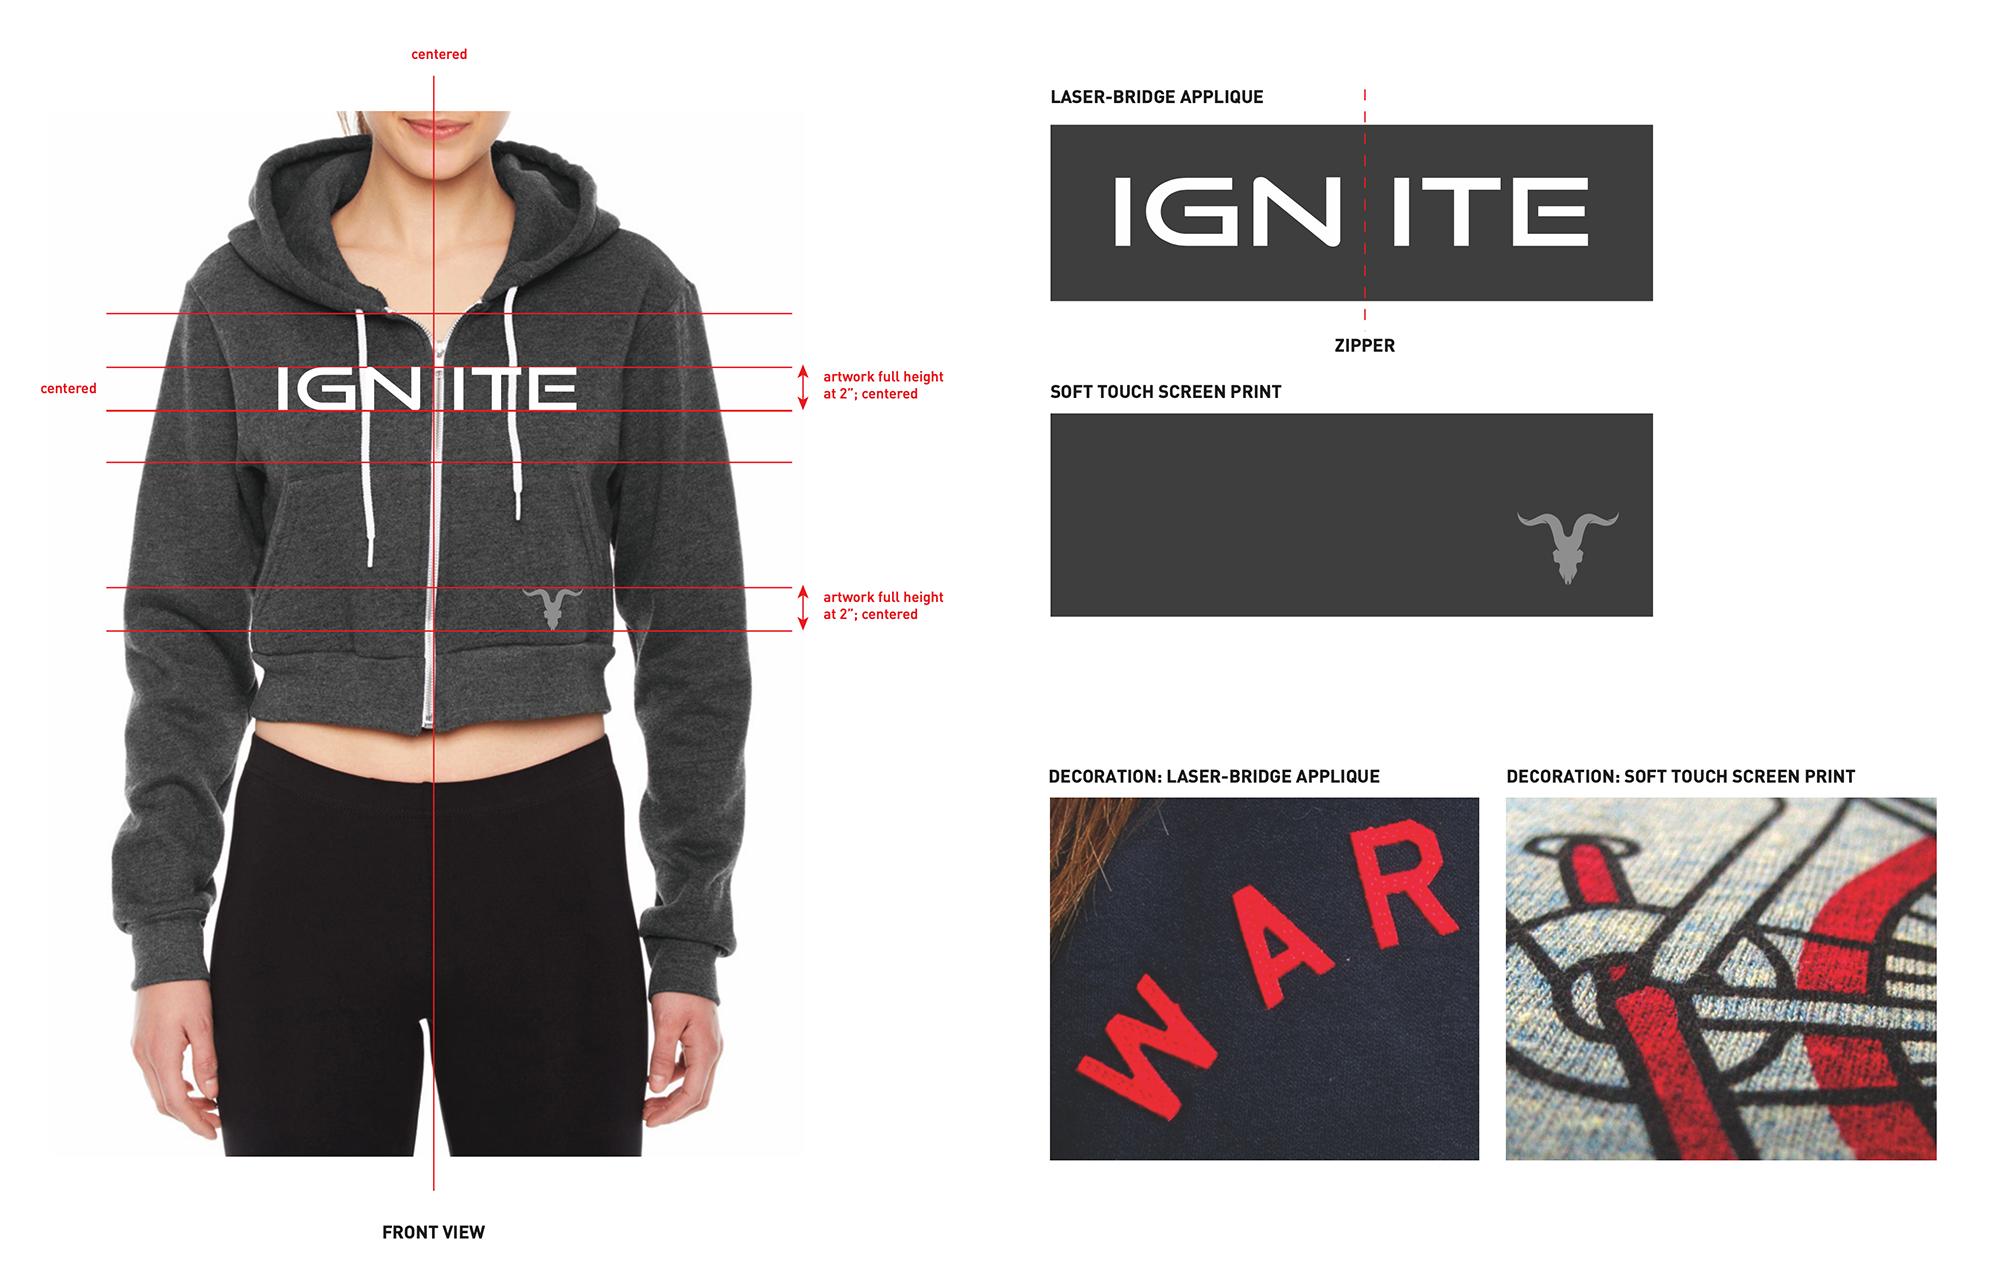 Ignite hoodie tech pack